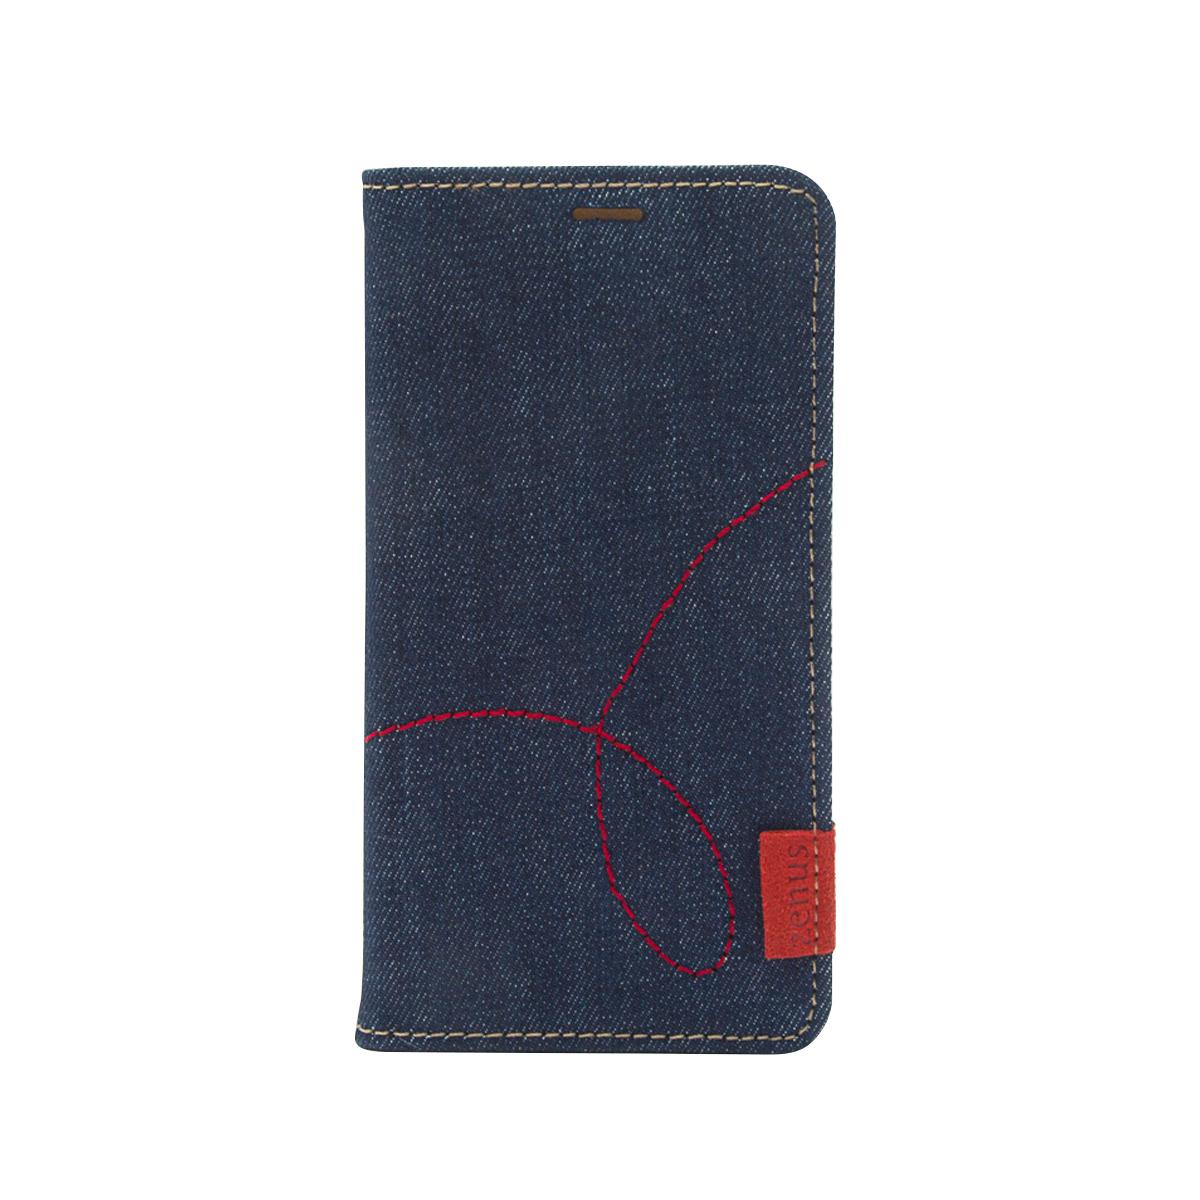 0dd452b3b9 iPhone XR ケース 手帳型 ZENUS Denim Stitch Diary(ゼヌス デニムステッチダイアリー)